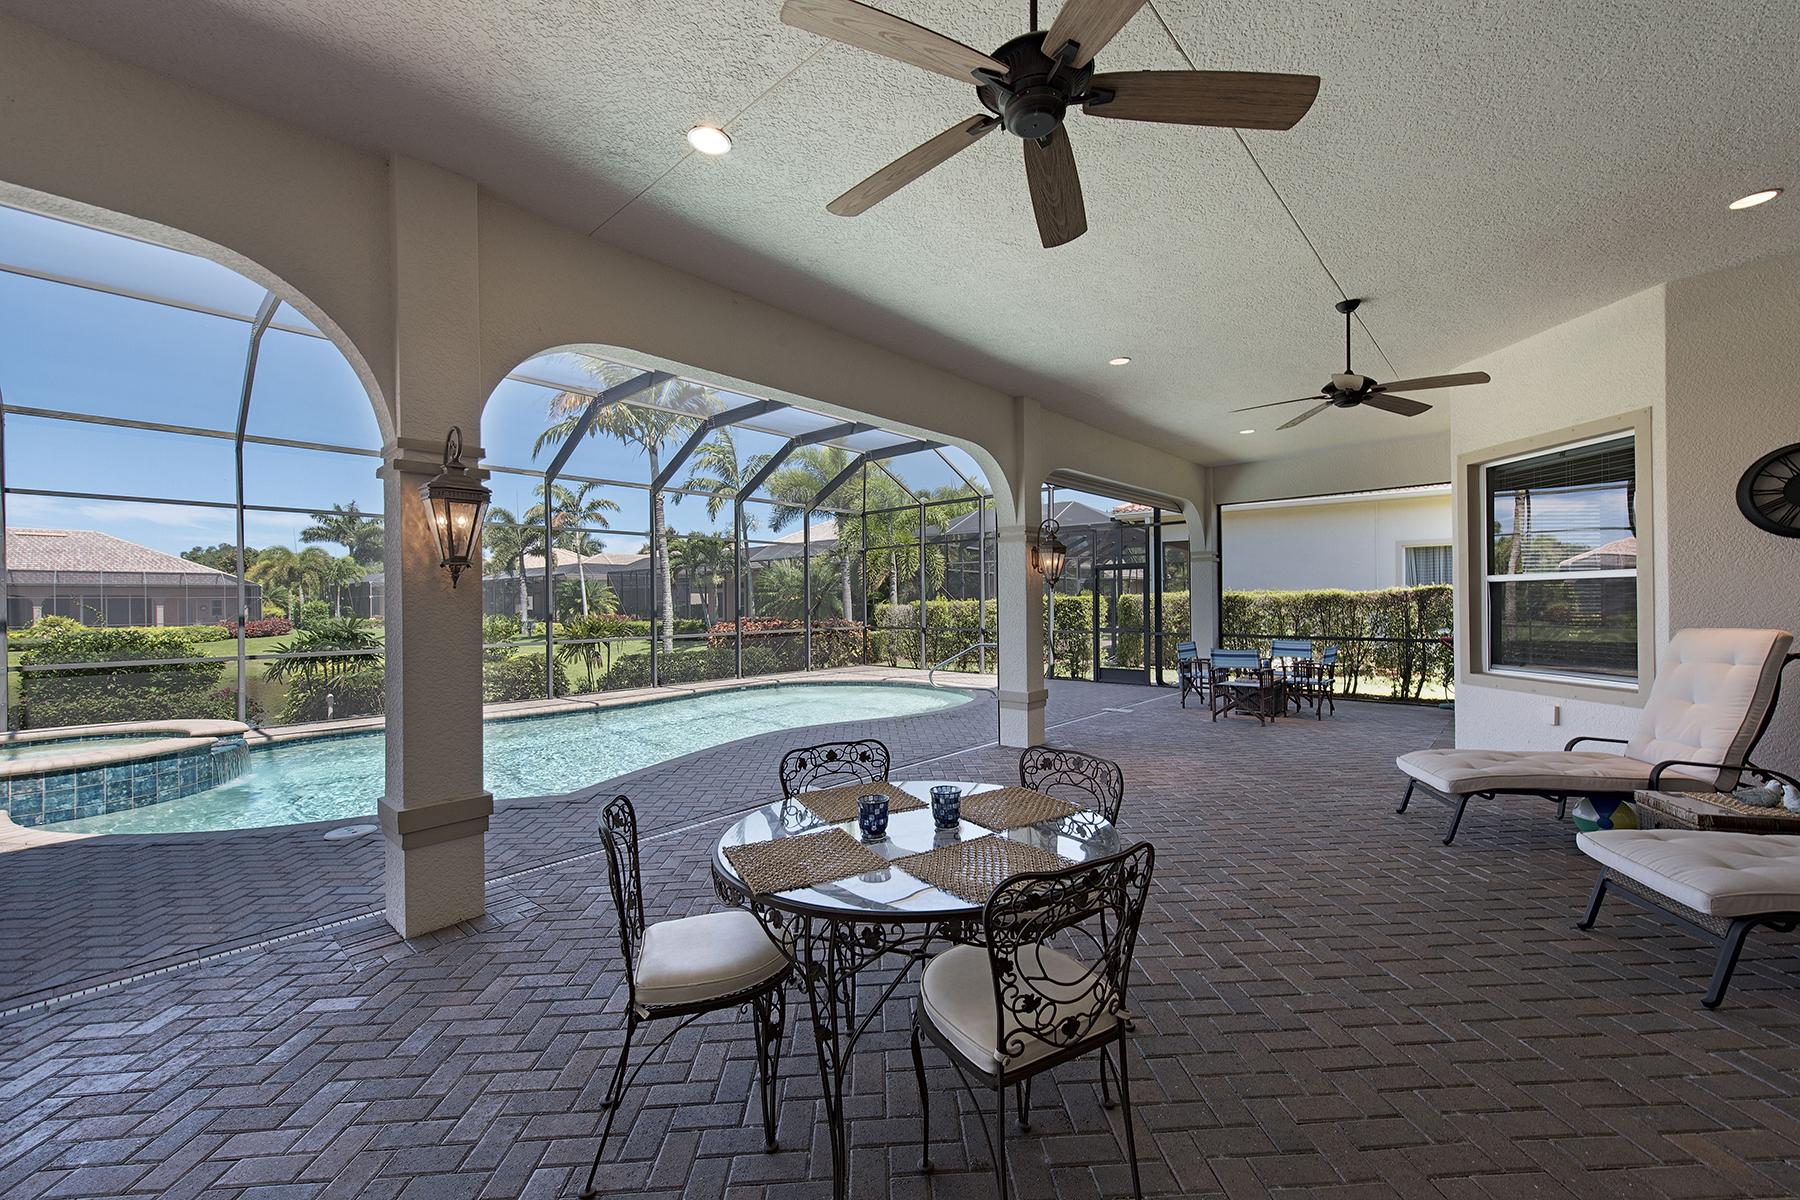 단독 가정 주택 용 매매 에 VINEYARDS - HAMMOCK ISLES 5678 Sago Ct Naples, 플로리다, 34119 미국